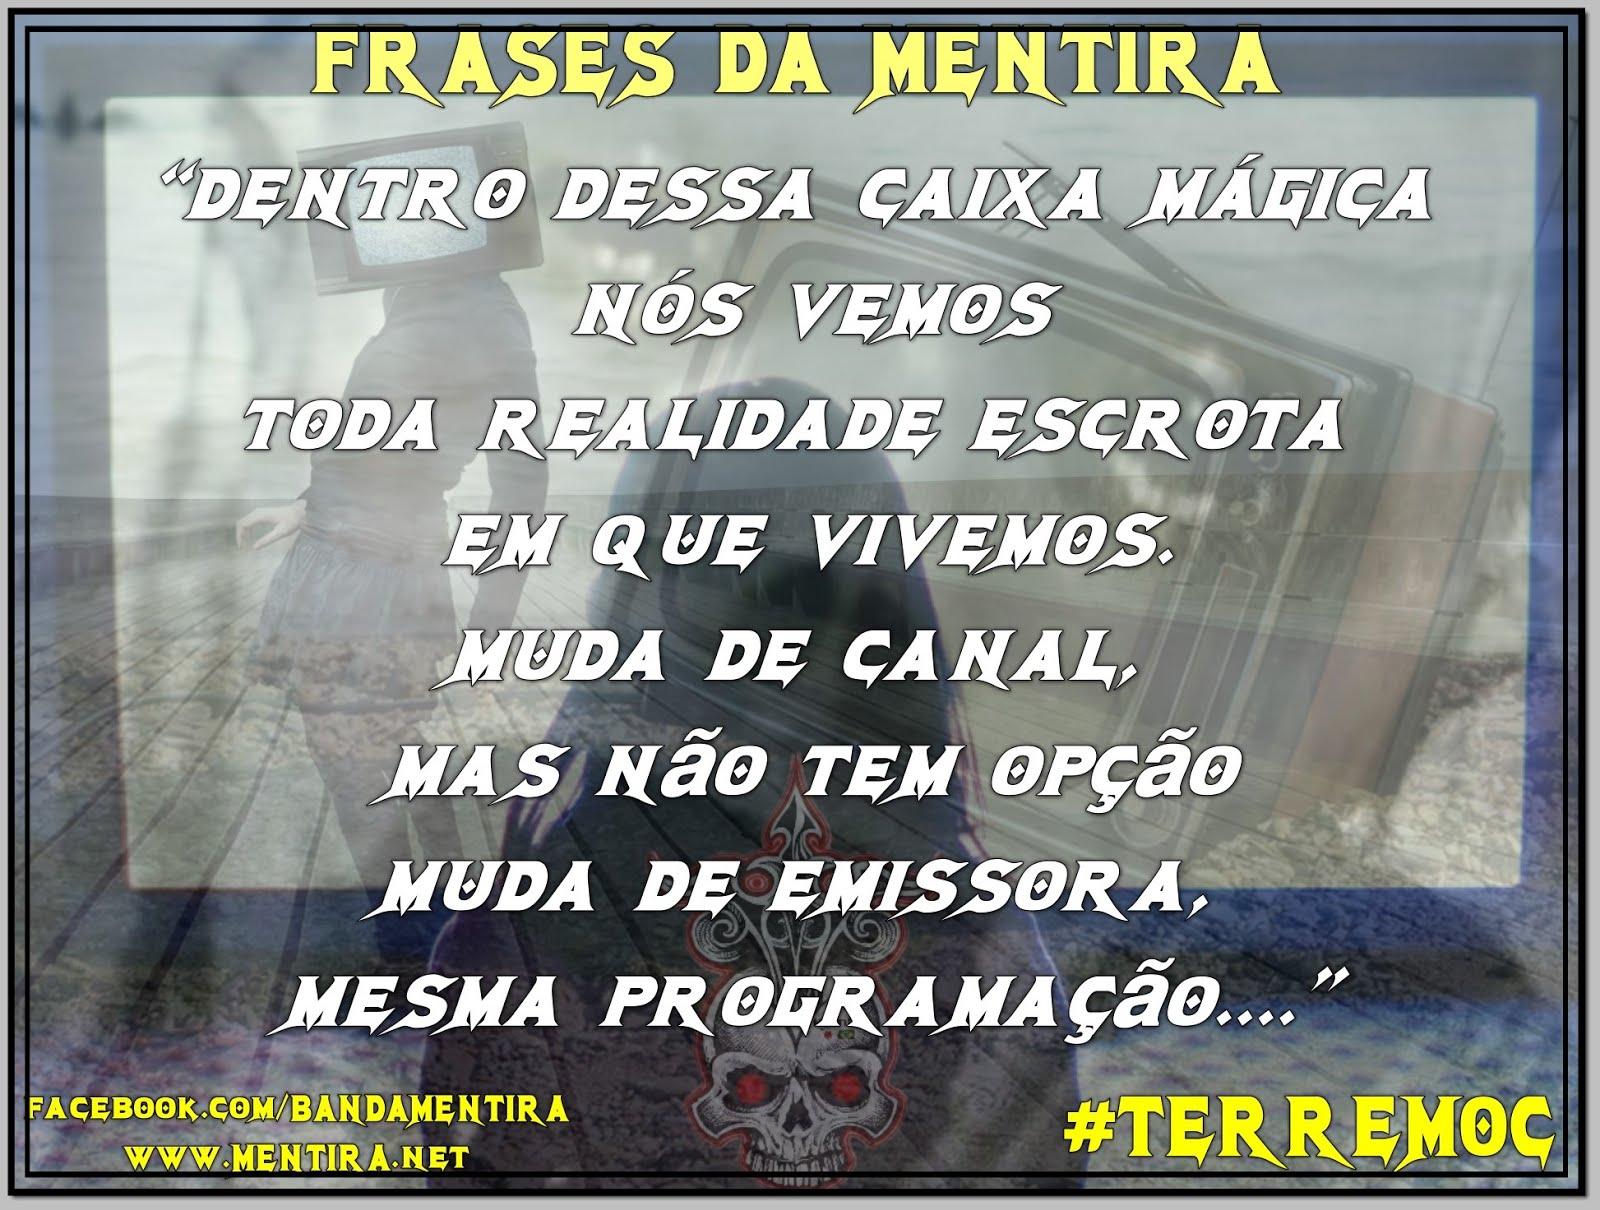 FRASES DA MENTIRA